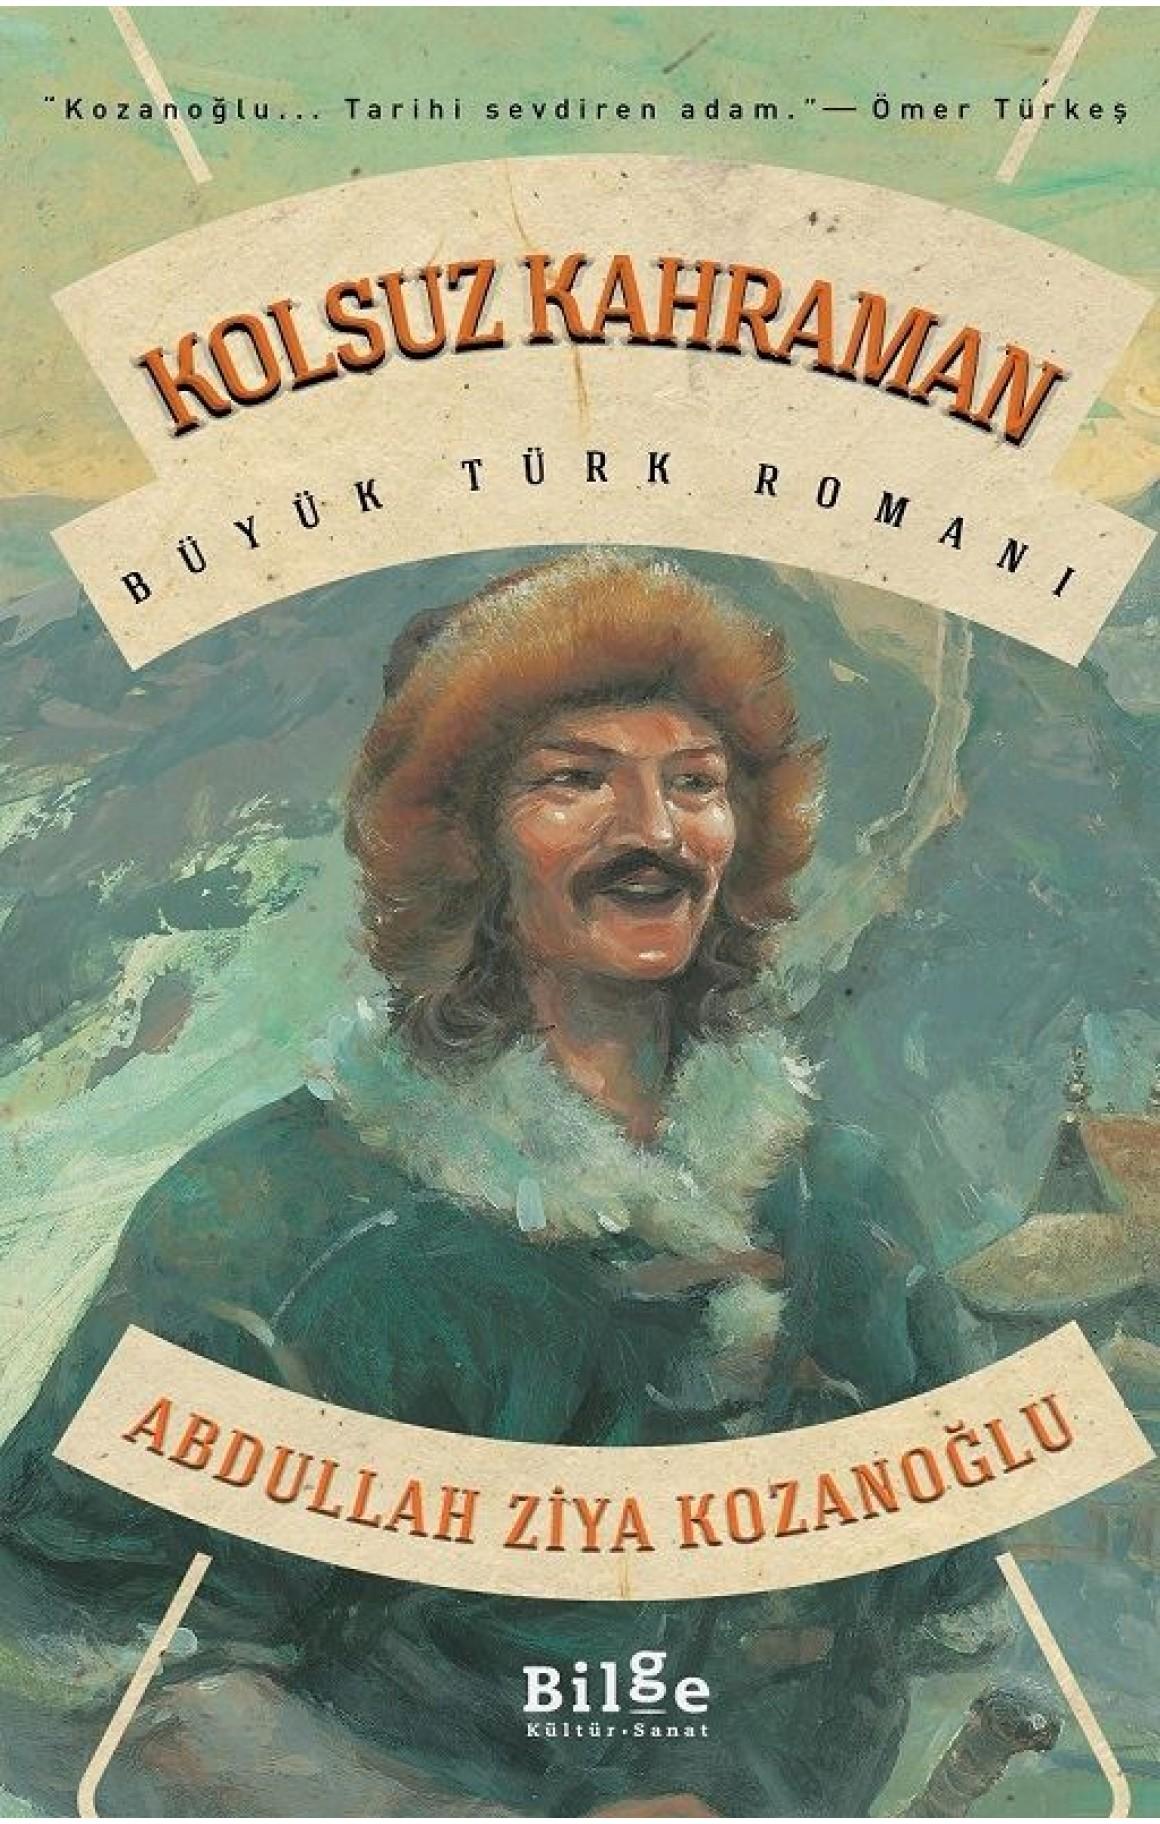 Kolsuz Kahraman - Büyük Türk Romanı